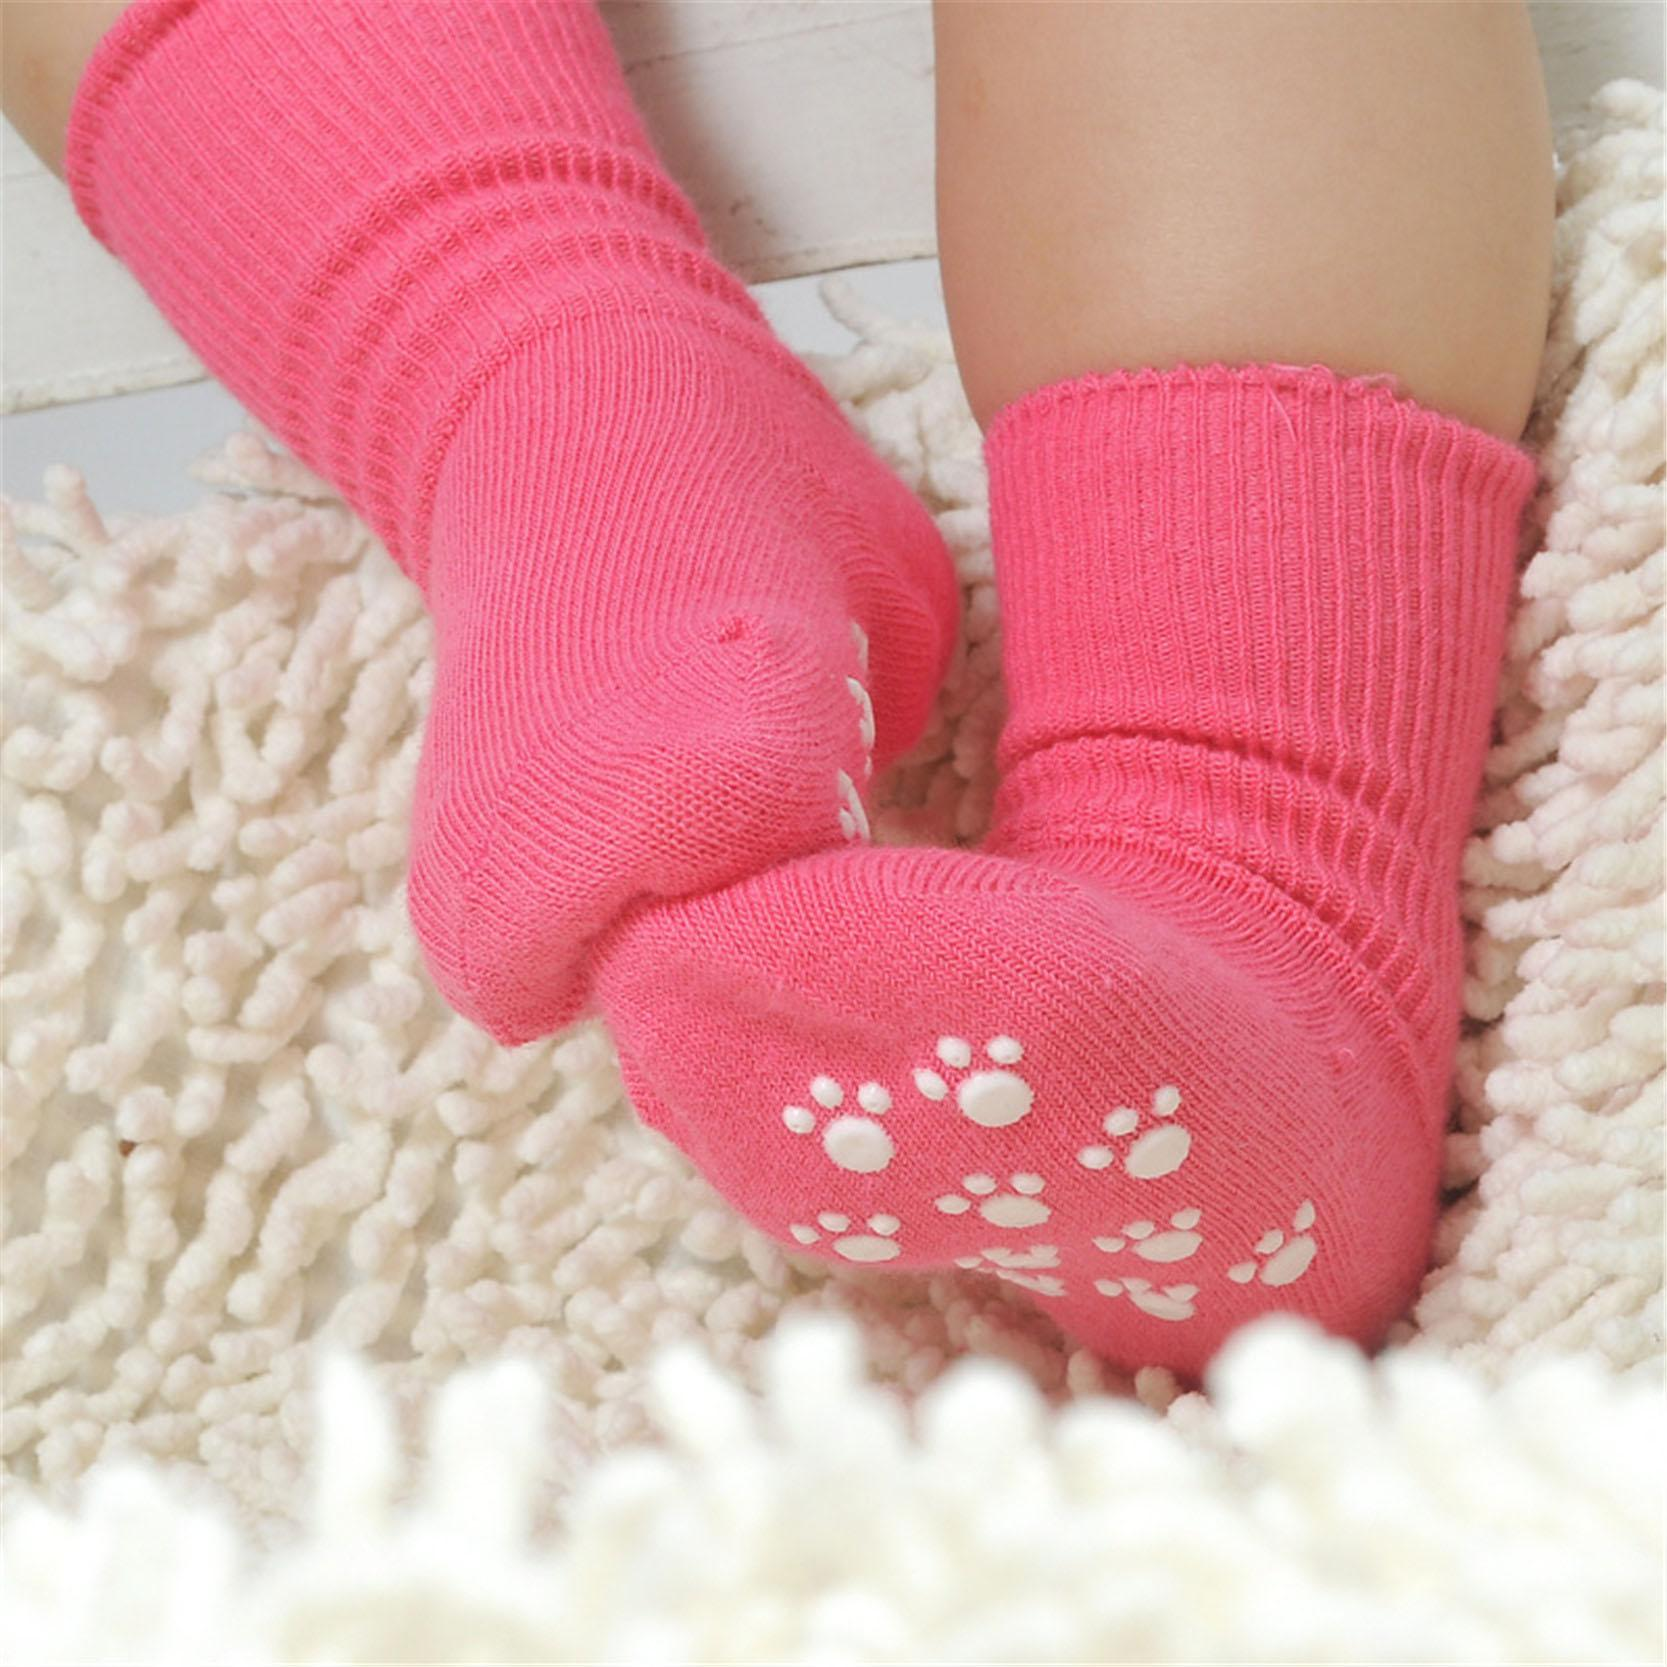 New Born Baby Socks Cotton Anti Slip Sport Children Socks For Girls